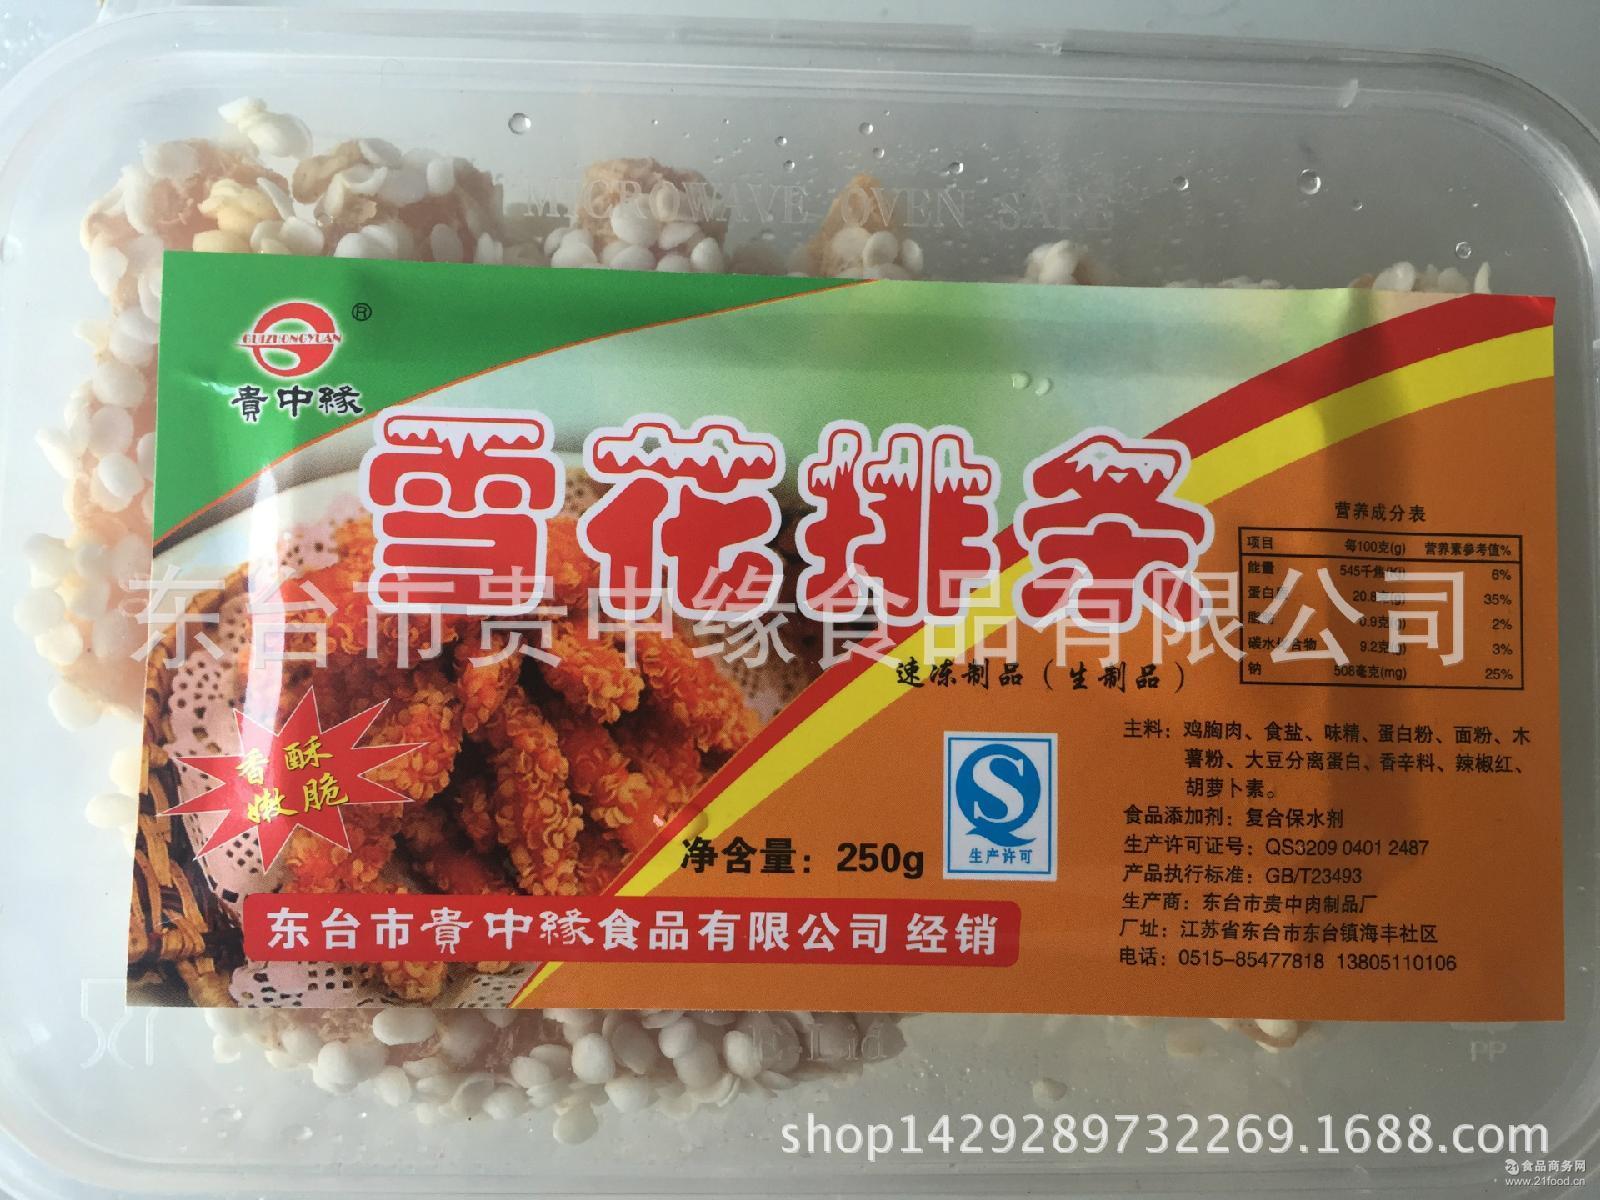 鸡肉条油炸鸡柳无骨香酥排条250g 【酒店特色菜】贵中缘雪花排条